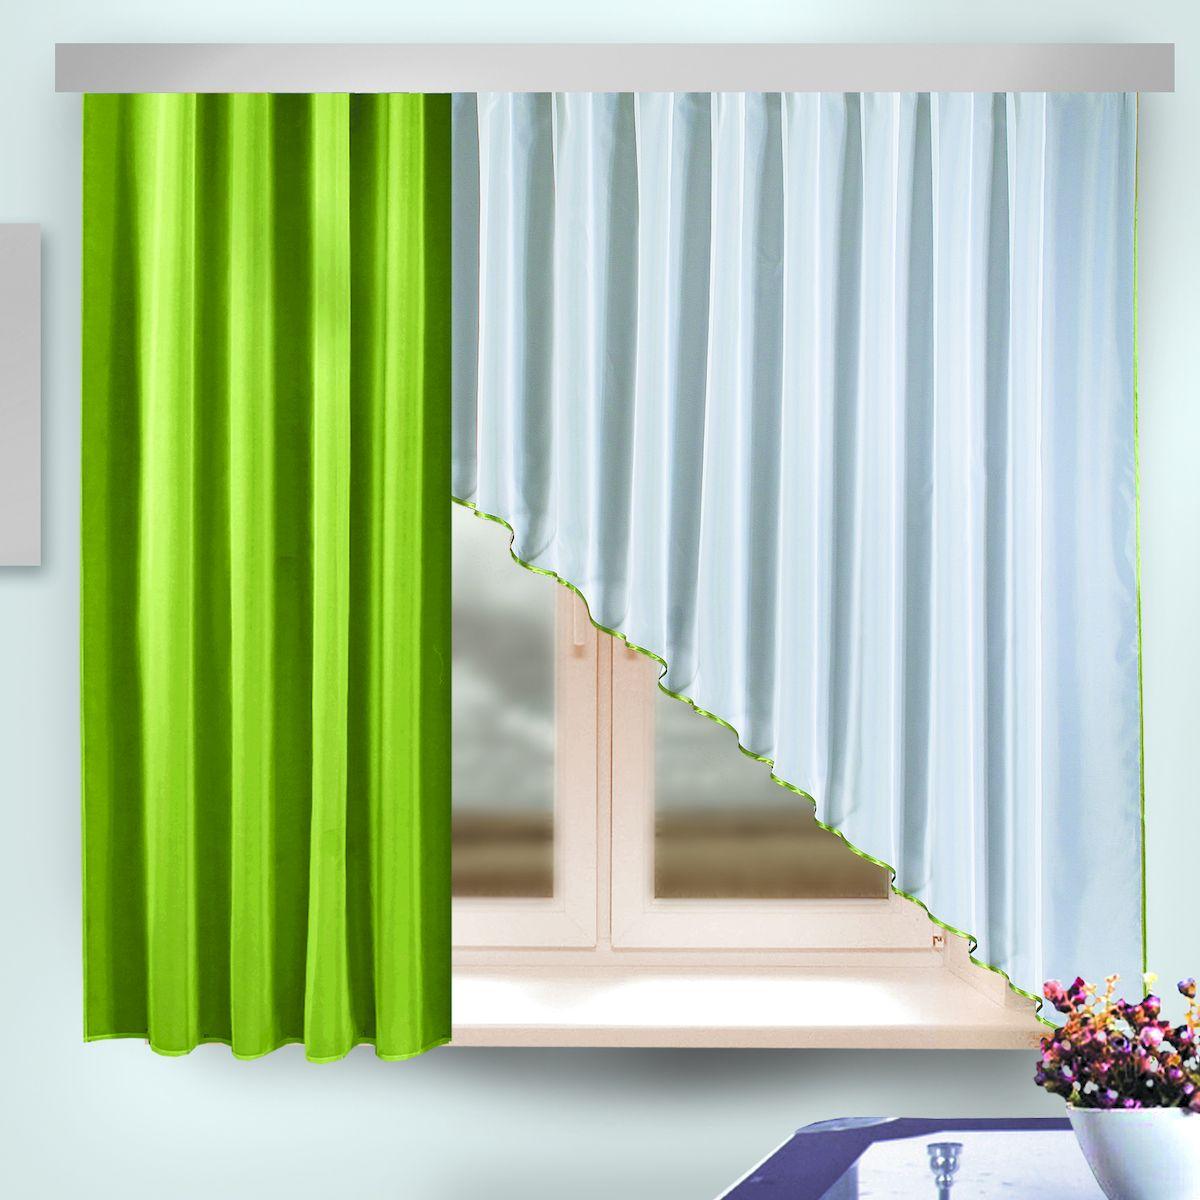 Комплект штор Zlata Korunka, на ленте, цвет: зеленый, белый, высота 170 см. 333314DW90Комплект штор Zlata Korunka, выполненный из полиэстера, великолепно украсит любое окно. Комплект состоит из шторы и ламбрекена. Изящная форма и приятная цветовая гамма привлекут к себе внимание и органично впишутся в интерьер помещения. Этот комплект будет долгое время радовать вас и вашу семью!Комплект крепится на карниз при помощи ленты, которая поможет красиво и равномерно задрапировать верх.В комплект входит: Ламбрекен: 1 шт. Размер (Ш х В): 95 см х 170 см. Штора: 1 шт. Размер (Ш х В): 290 см х 170 см.